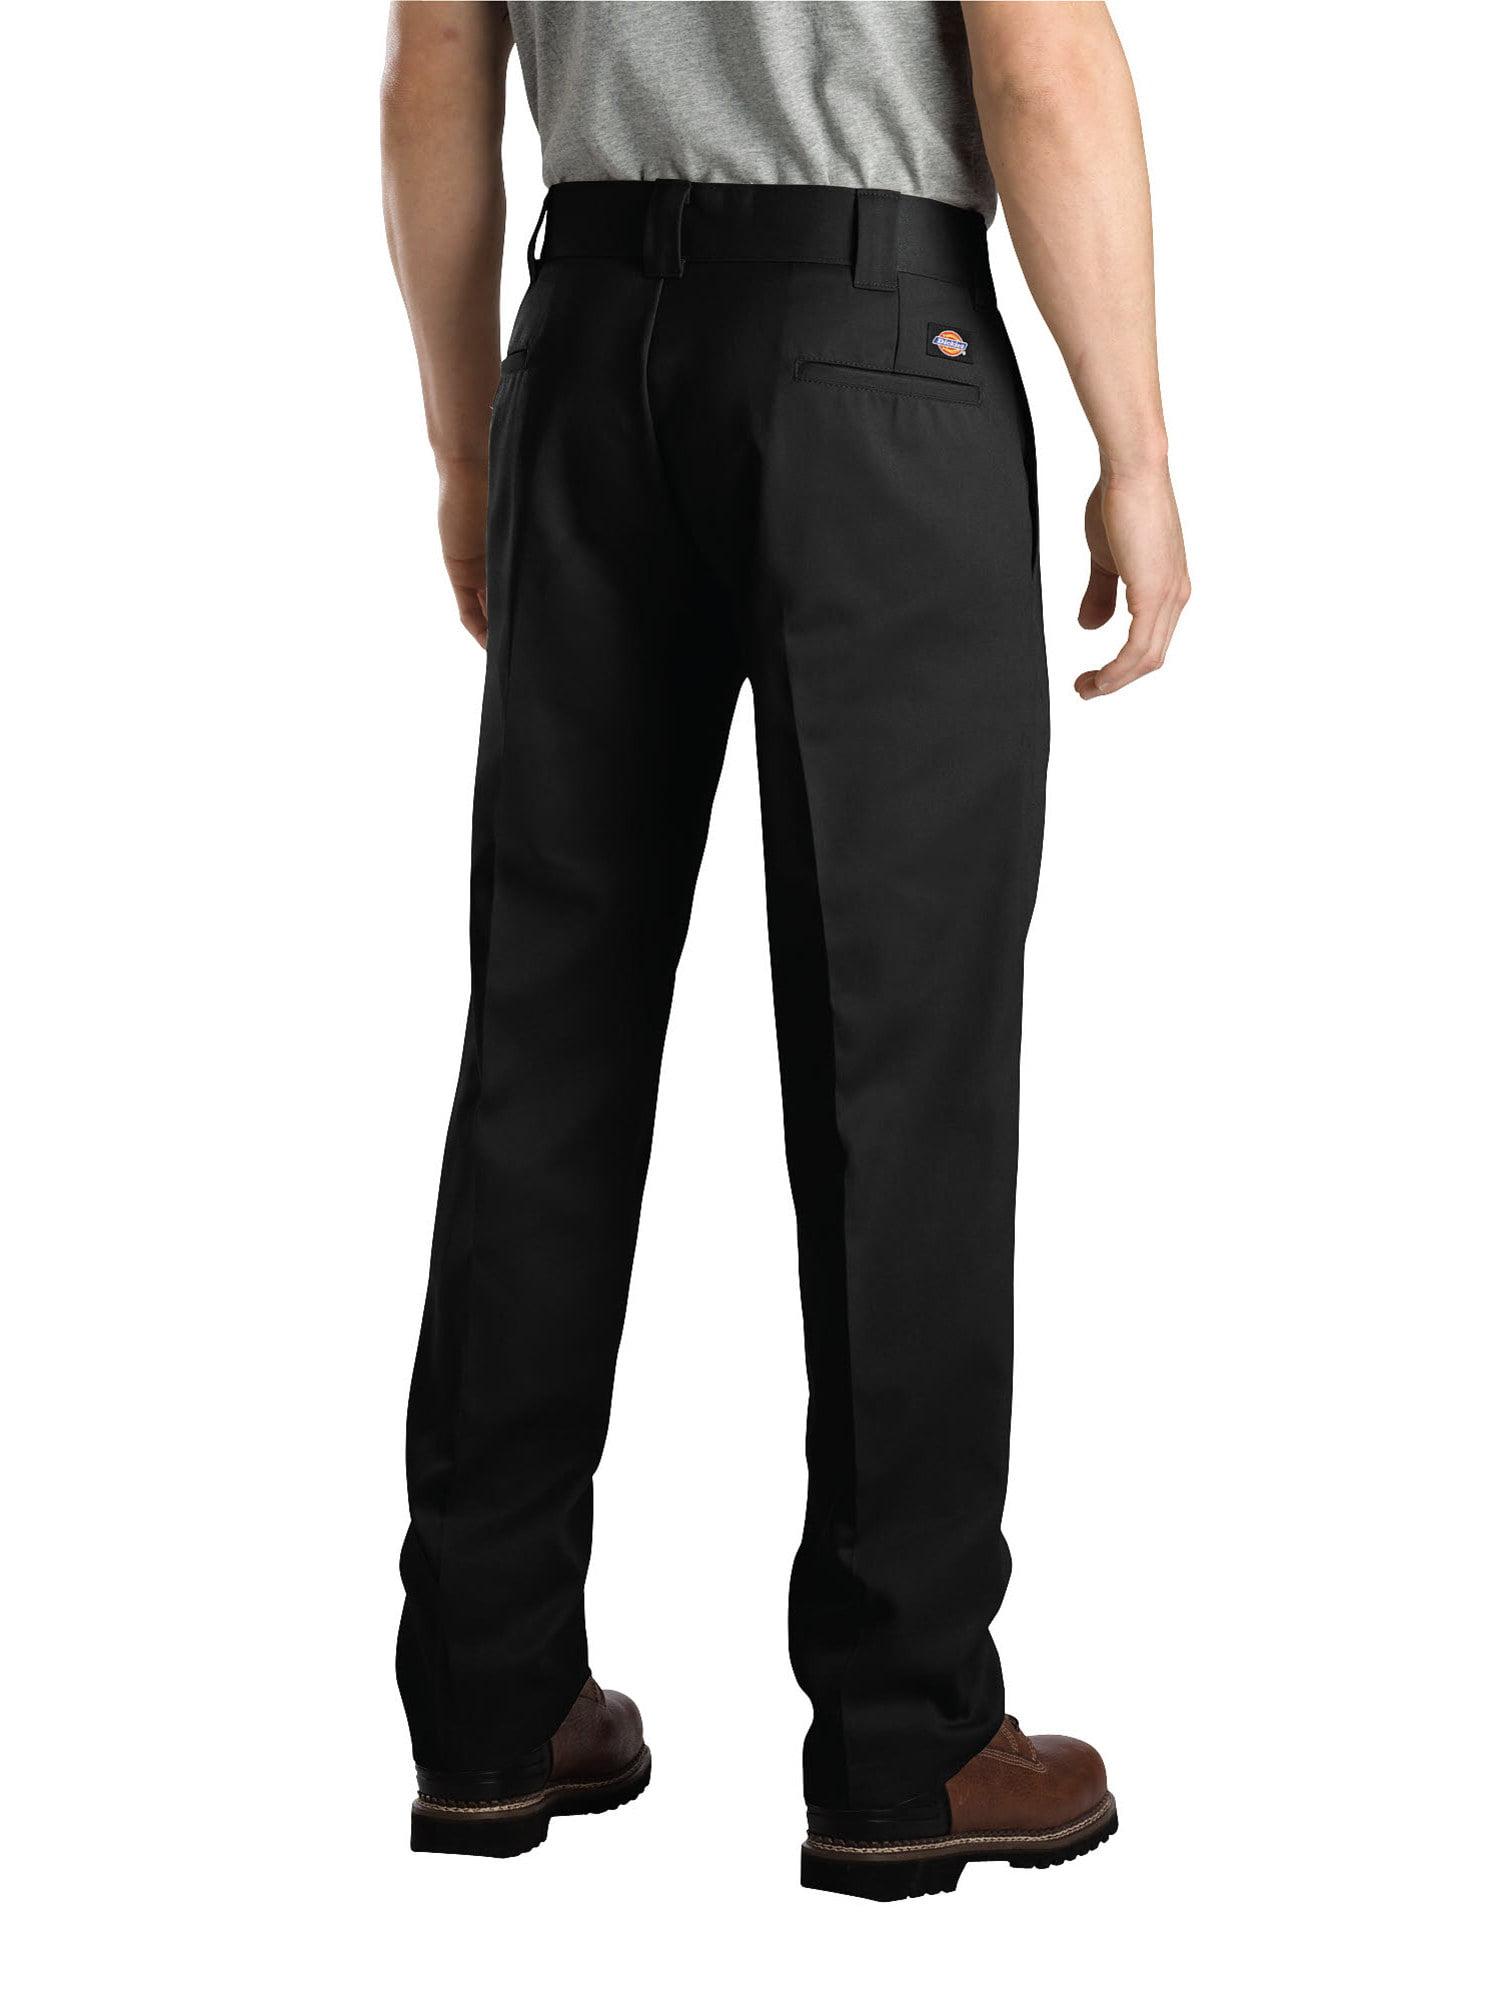 Dickies WP873 Men/'s Slim Straight Work Pants Black.